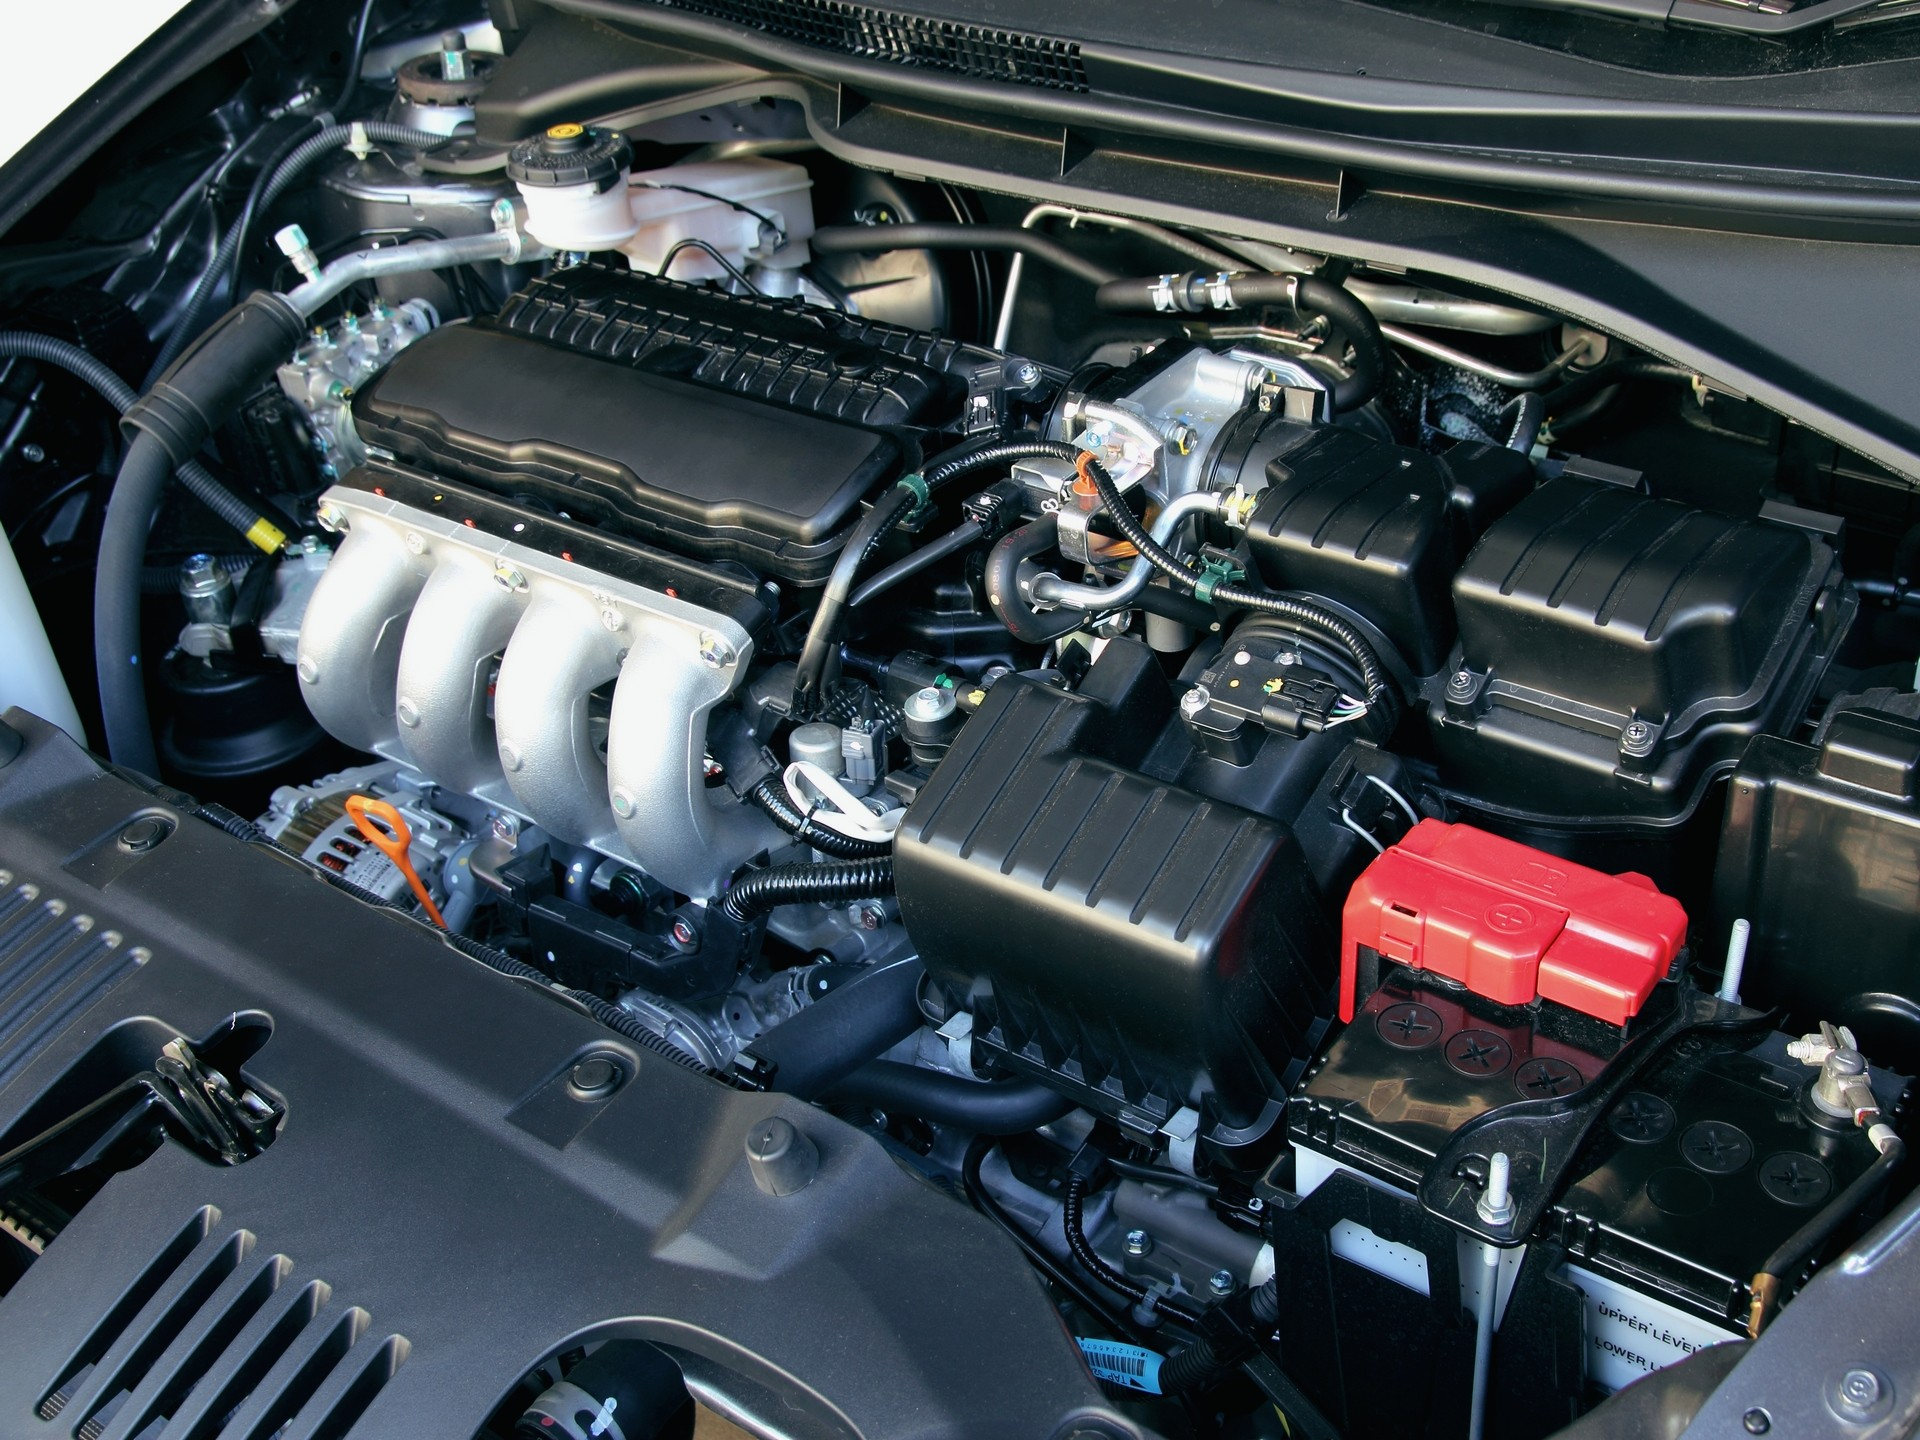 Свист при запуске двигателя автомобиля. Диагностика и определение неисправностей.